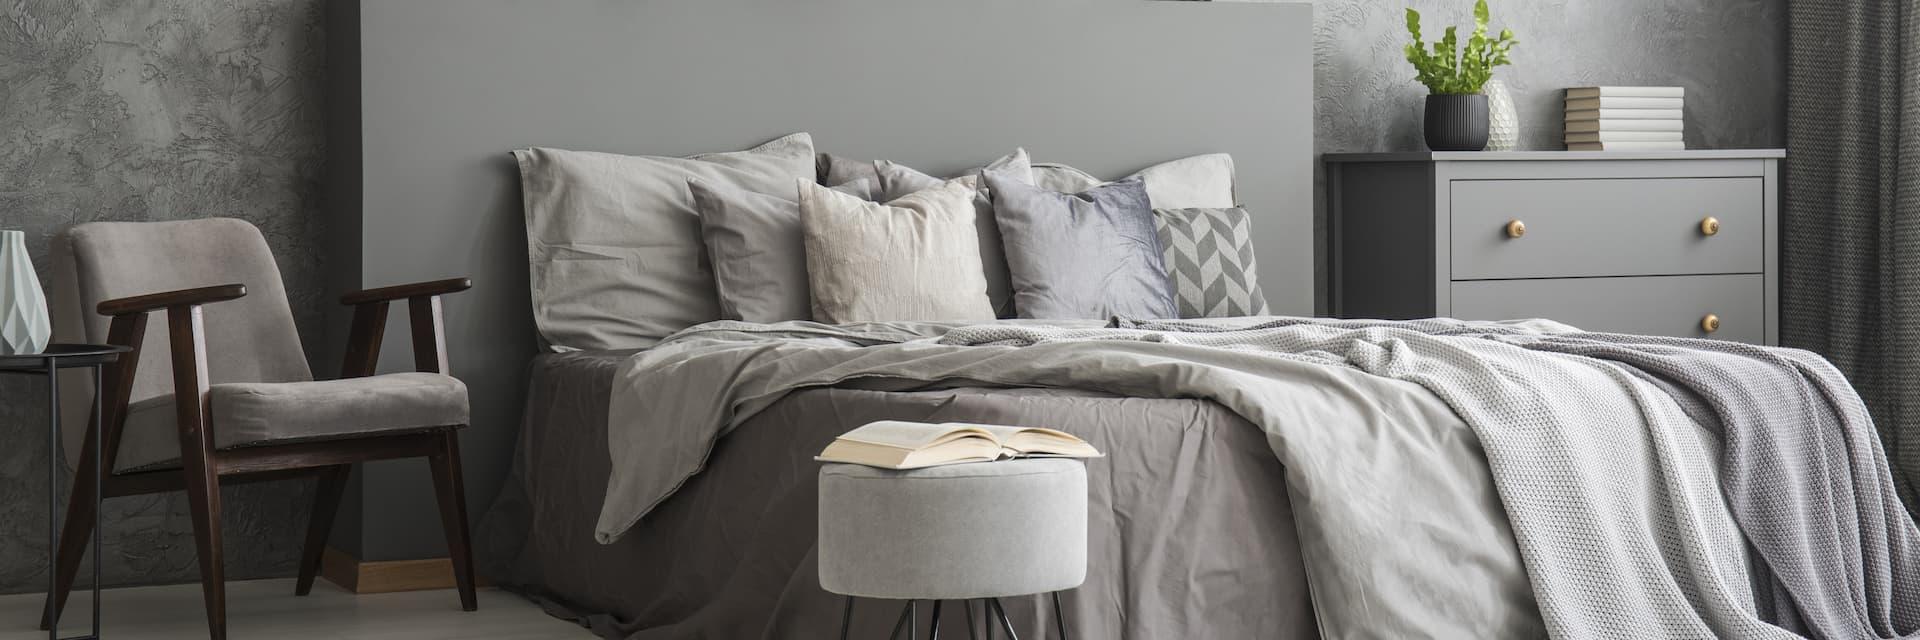 Negozi Biancheria Casa Mestre biancheria da letto a treviso